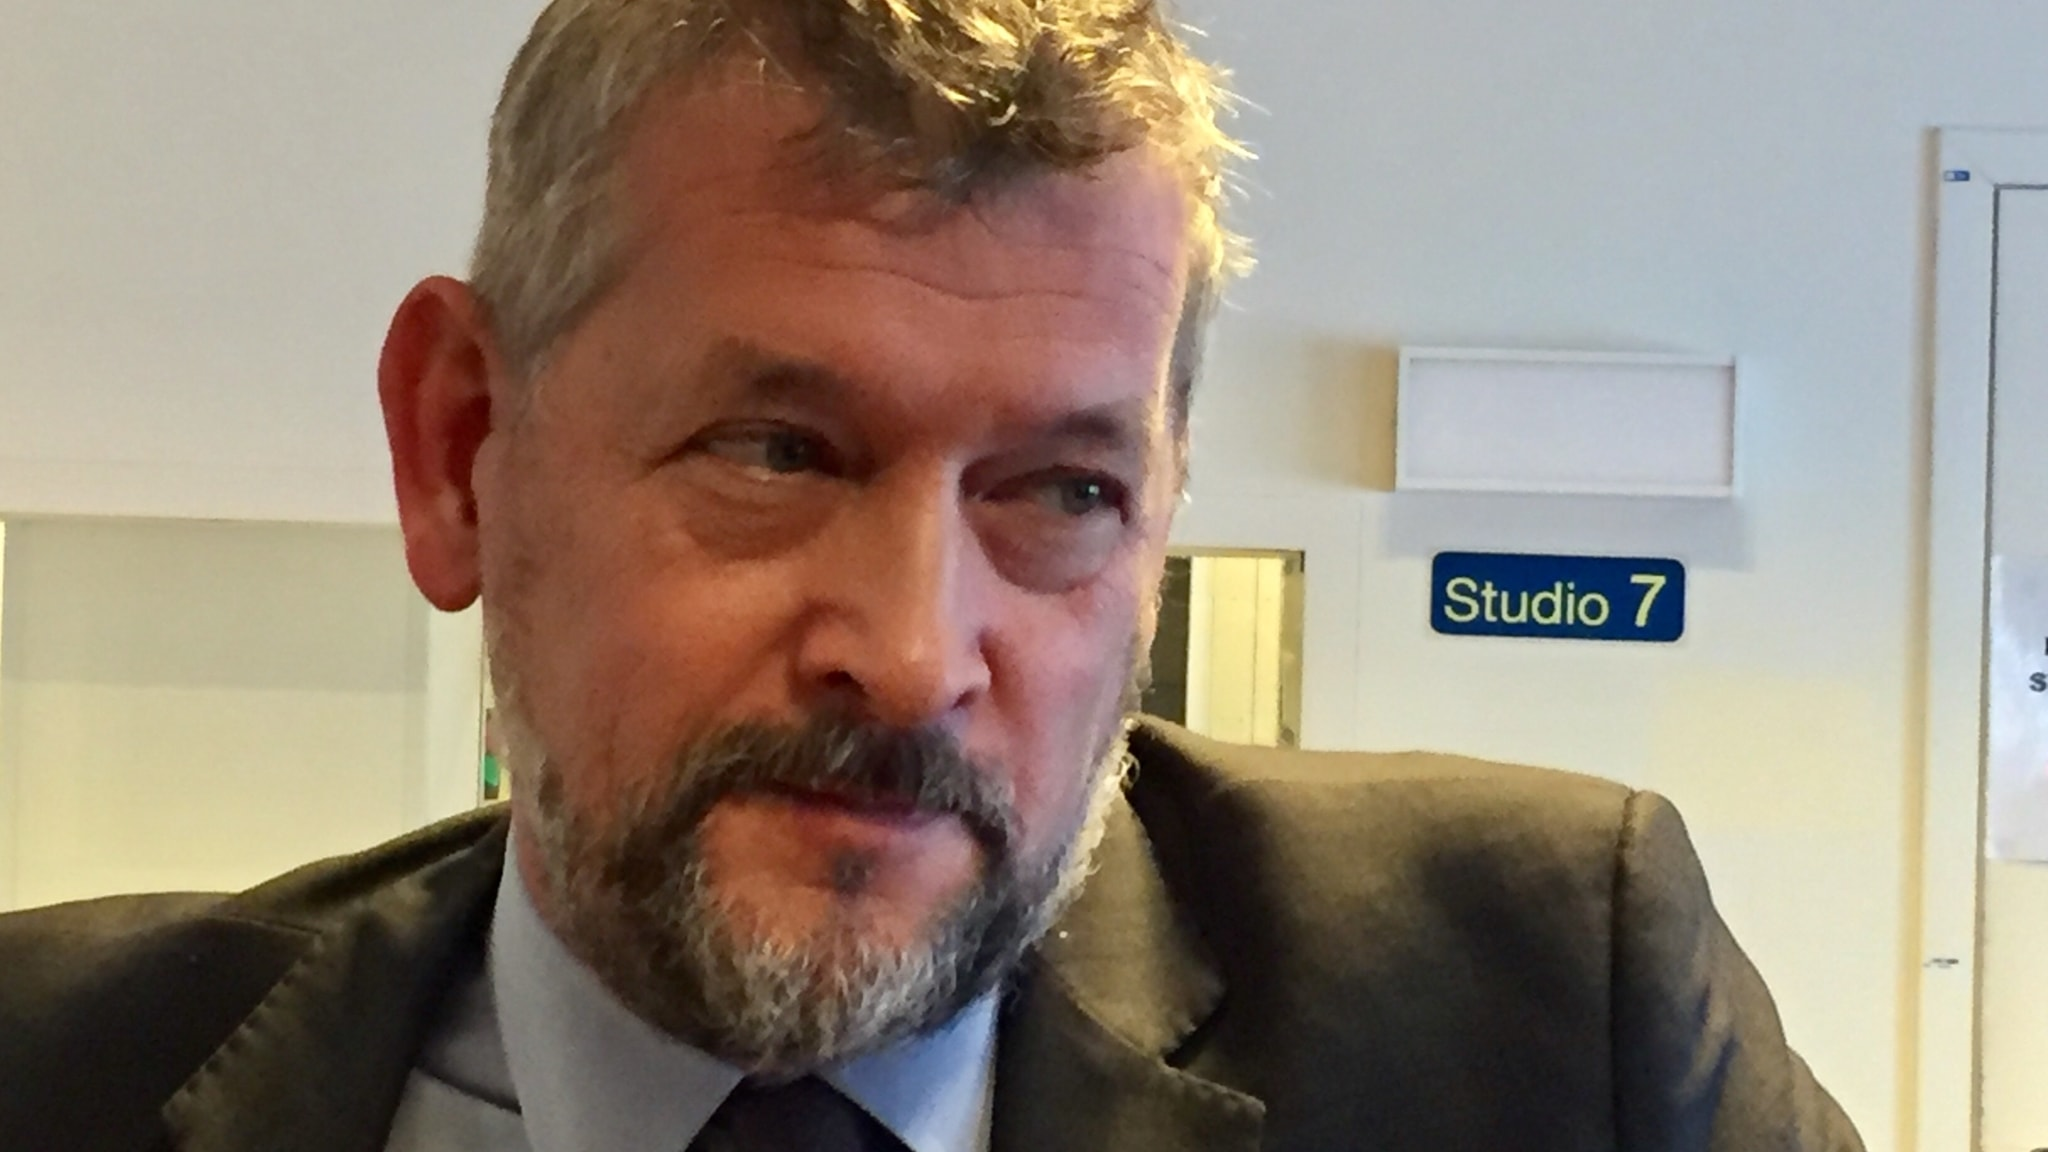 Ekots lördagsintervju med kriminalvårdens Nils Öberg